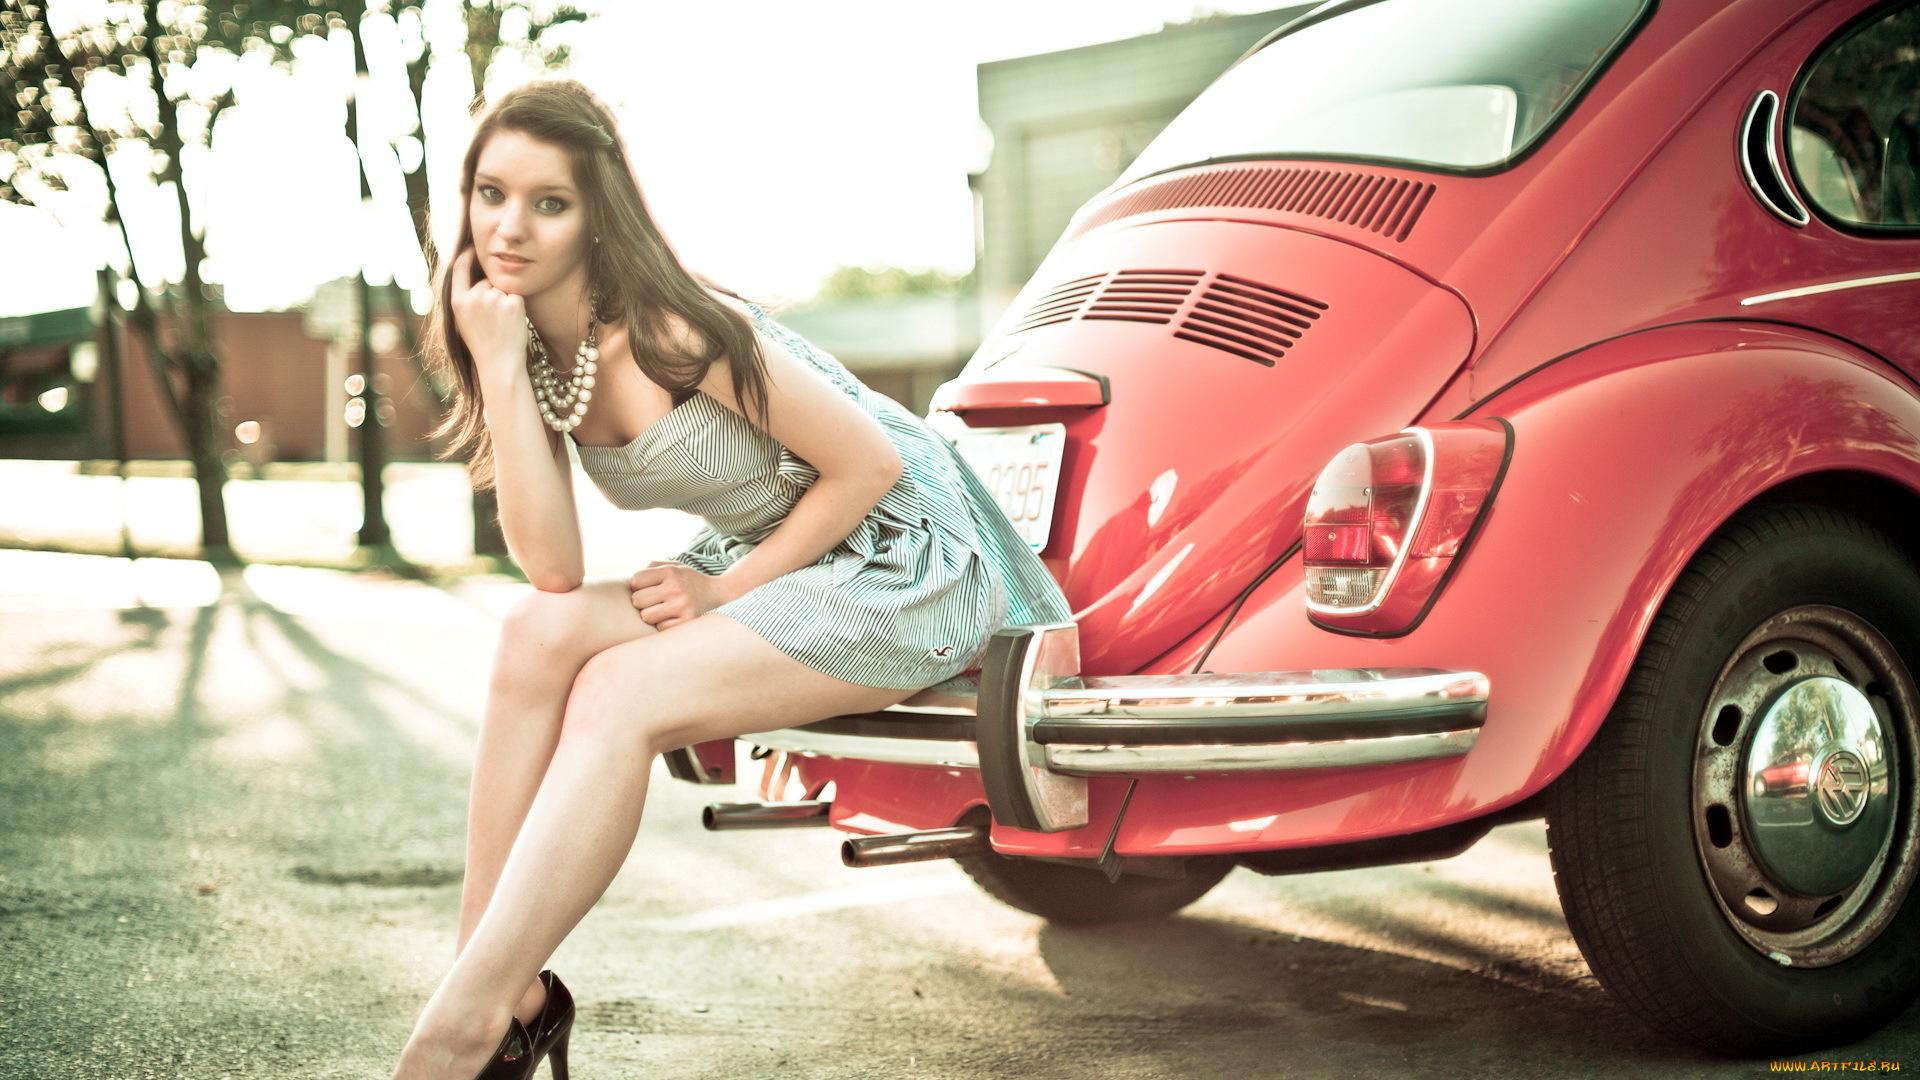 девушка возле машины смотреть